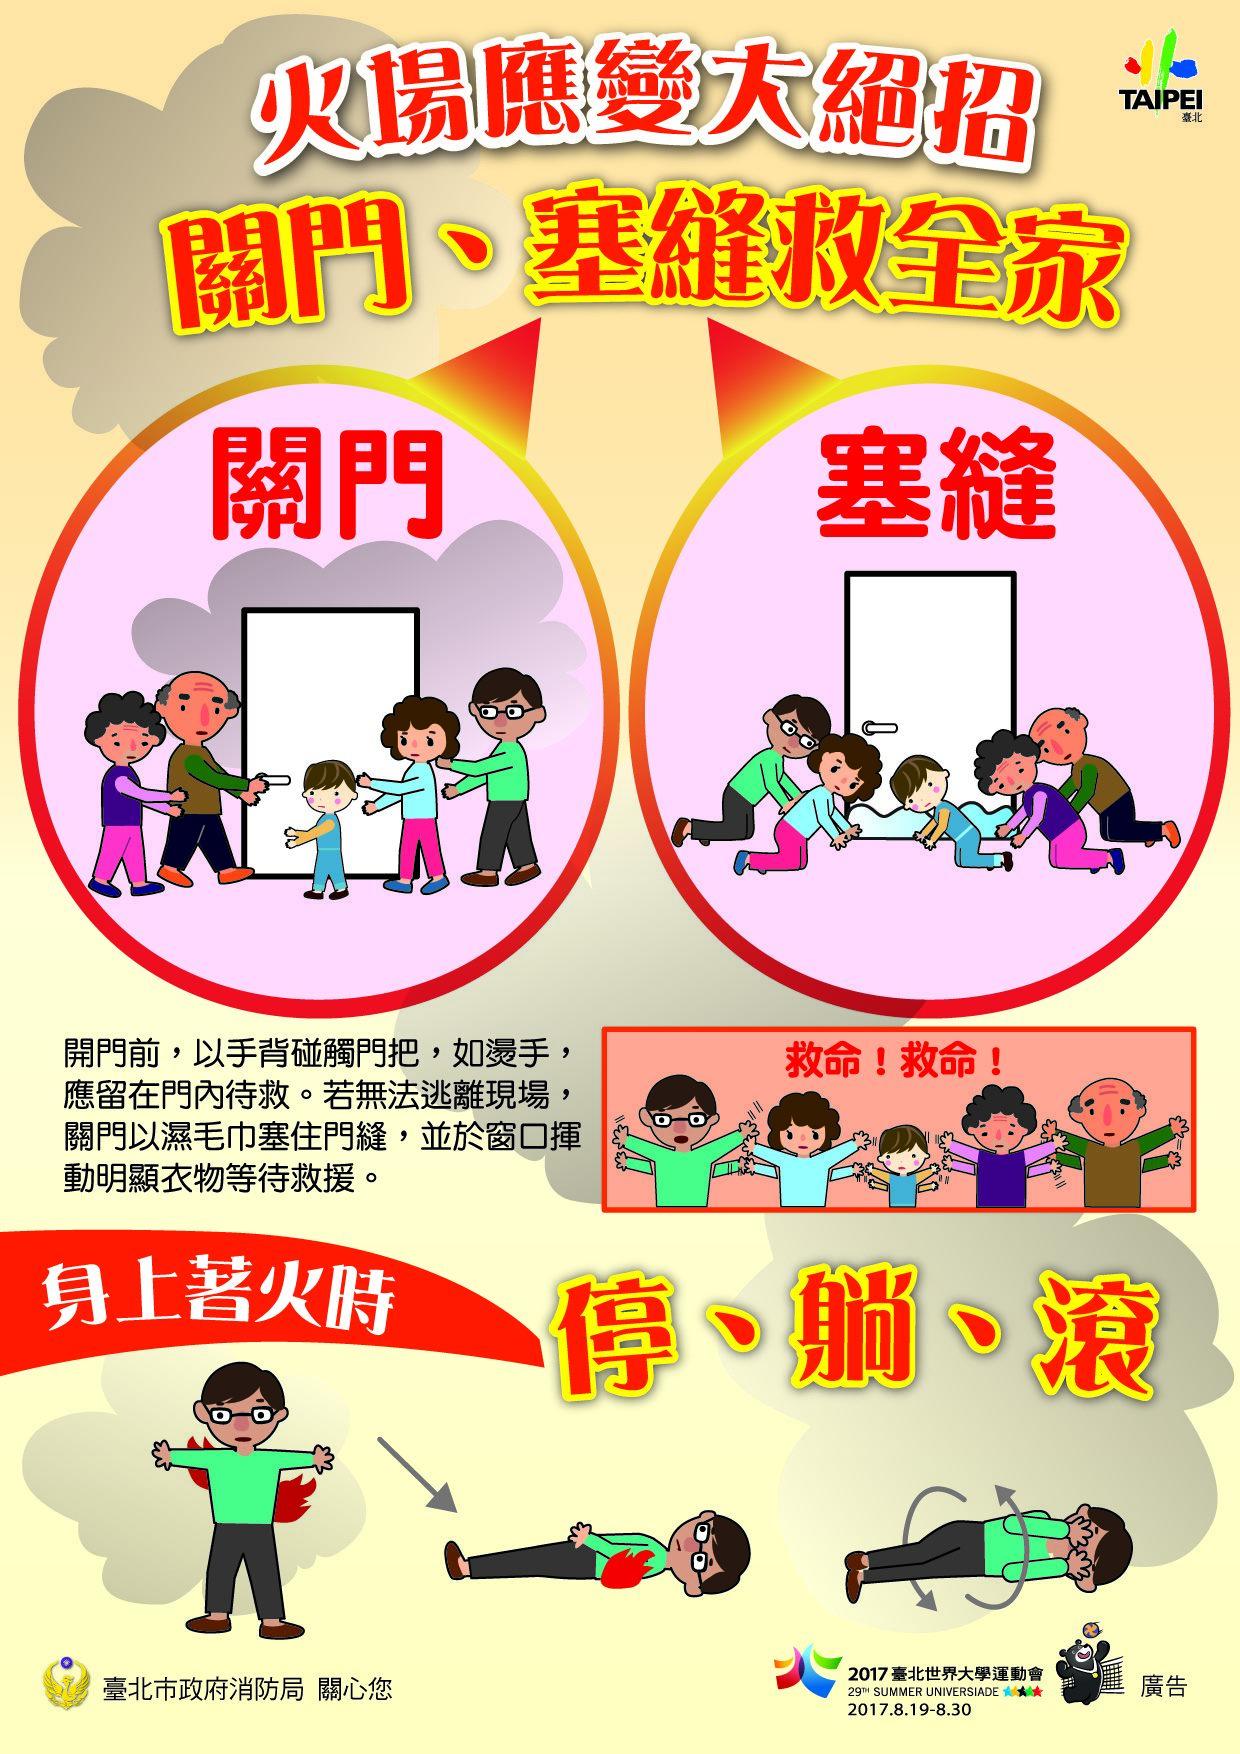 1.火場應變大絕招,關門、塞縫救全家、停躺滾(中文)